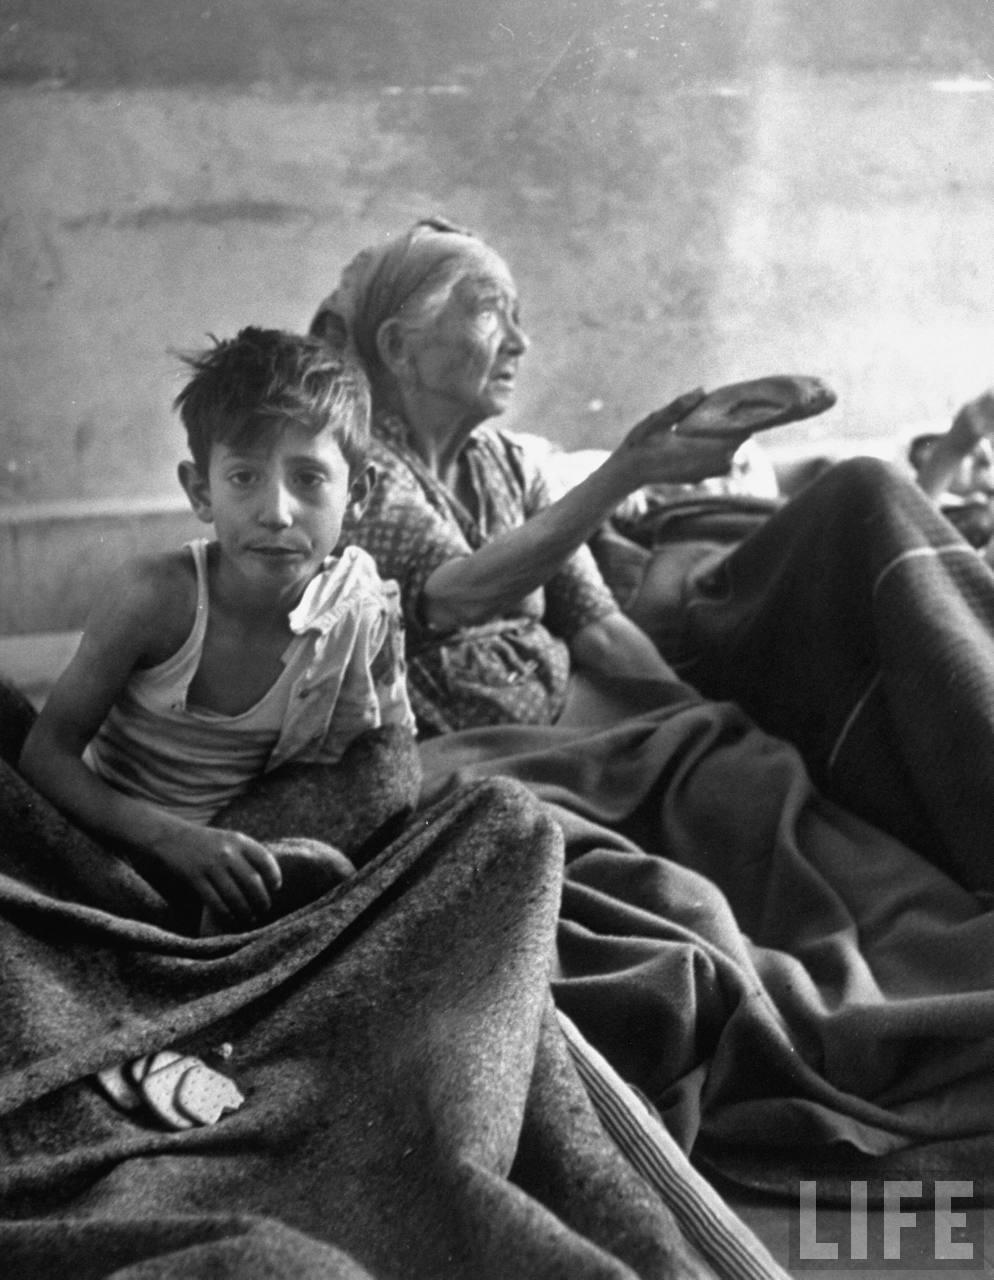 Еврейская женщина и ребенок, получающие хлеб в больнице